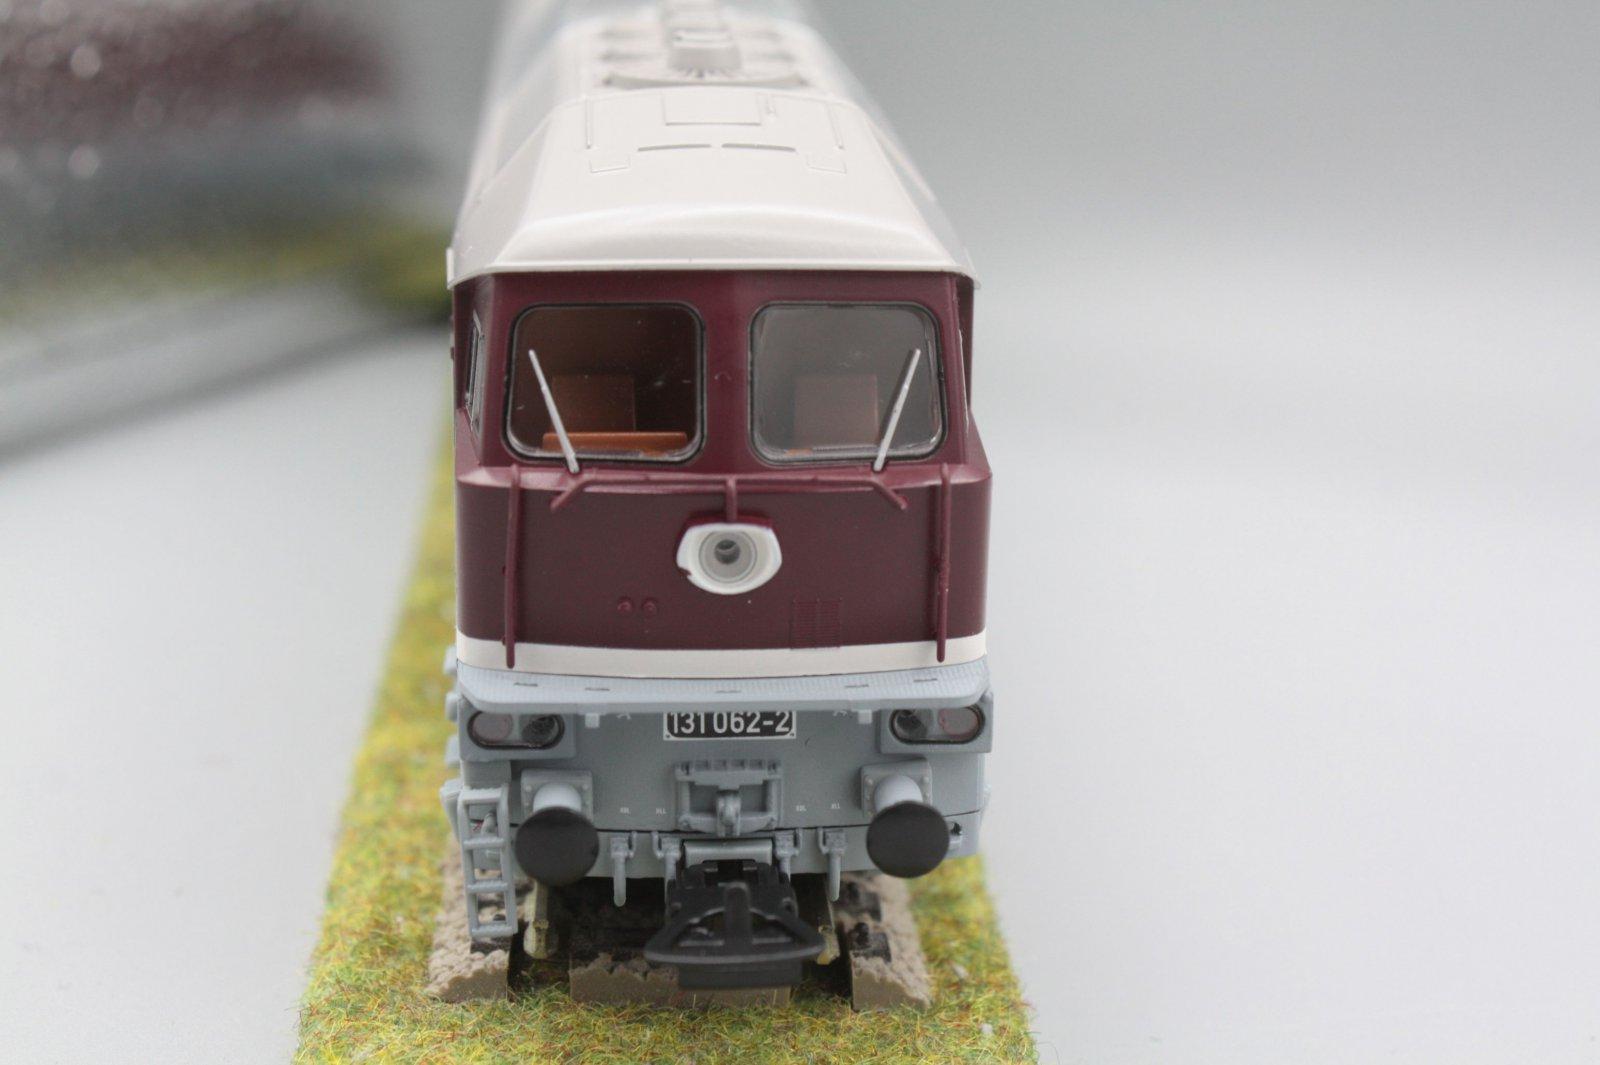 Piko 58130 Diesellok 131 062-2 Spur H0 - digital (D&H) mit Sound (Henning-Sound)